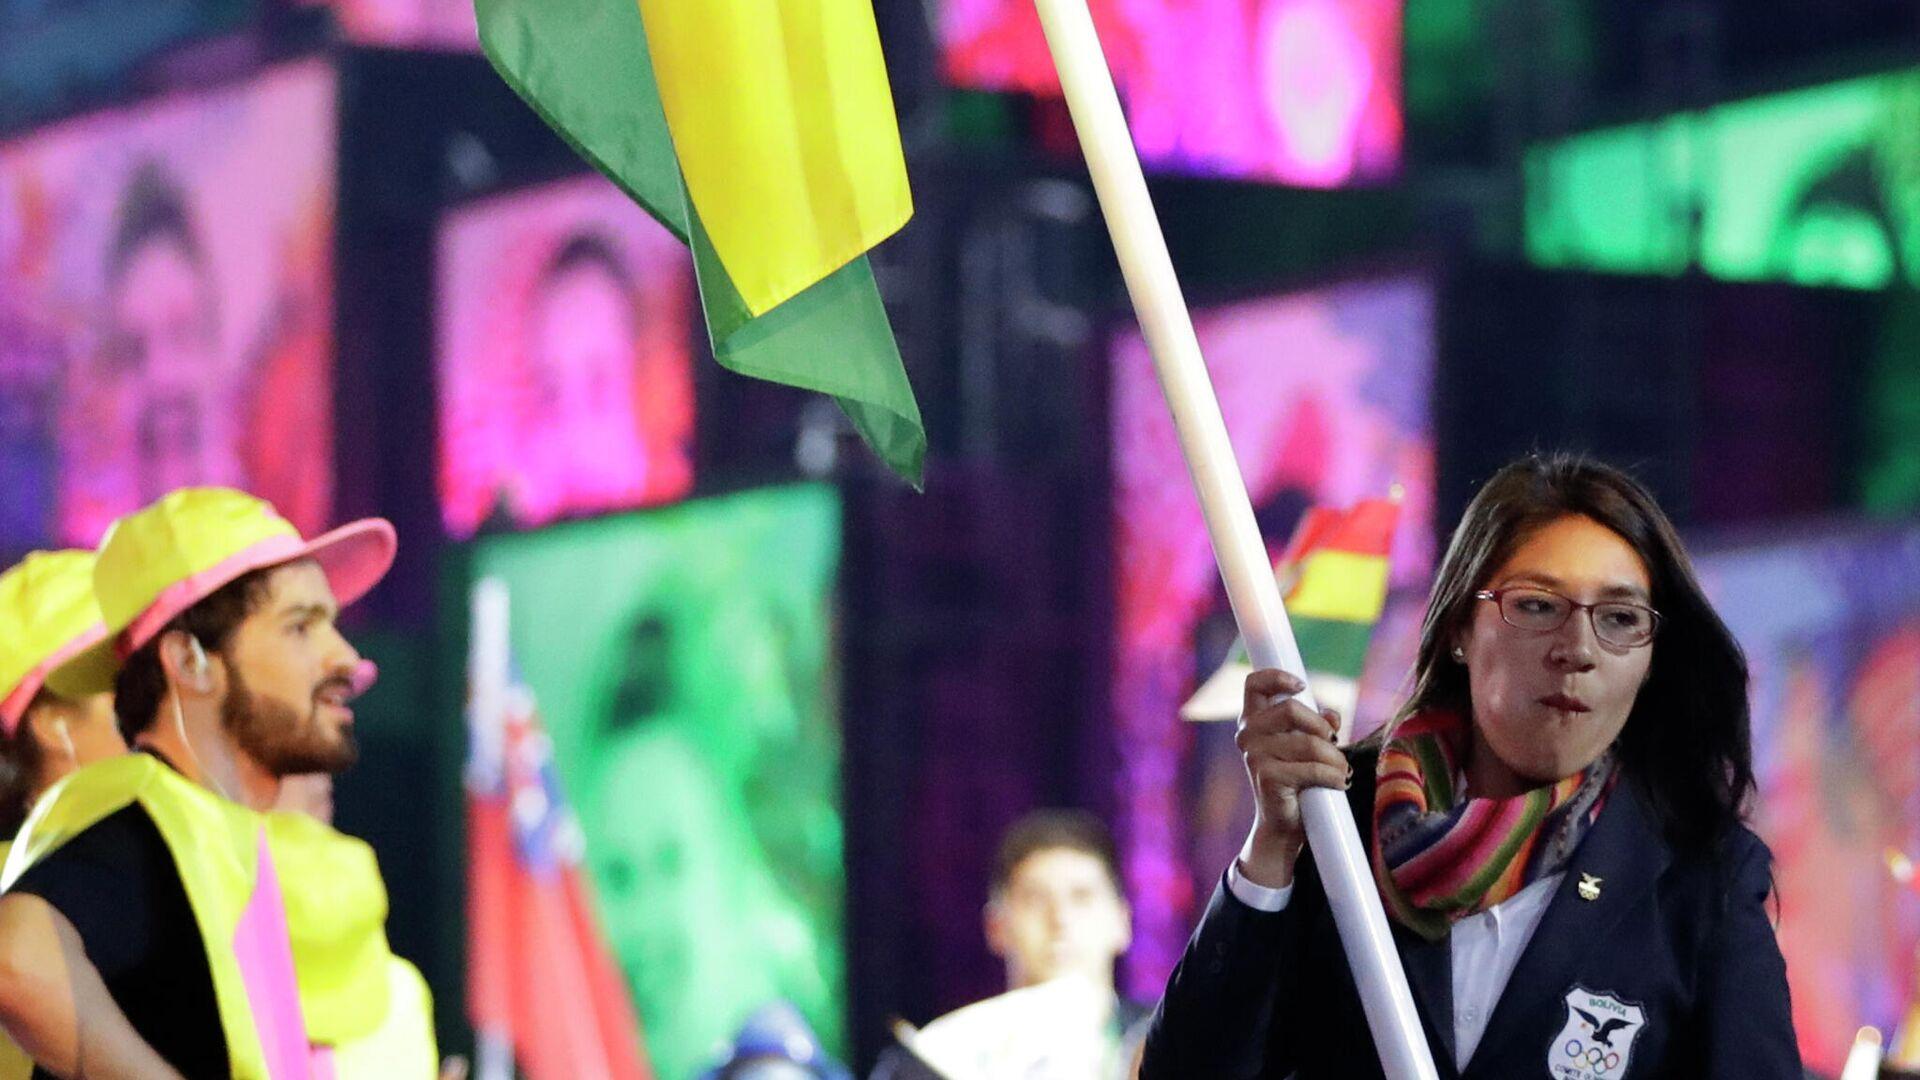 La atleta boliviana Ángela Castro, abanderada en los Juegos Olímpicos de Río 2016 - Sputnik Mundo, 1920, 01.07.2021